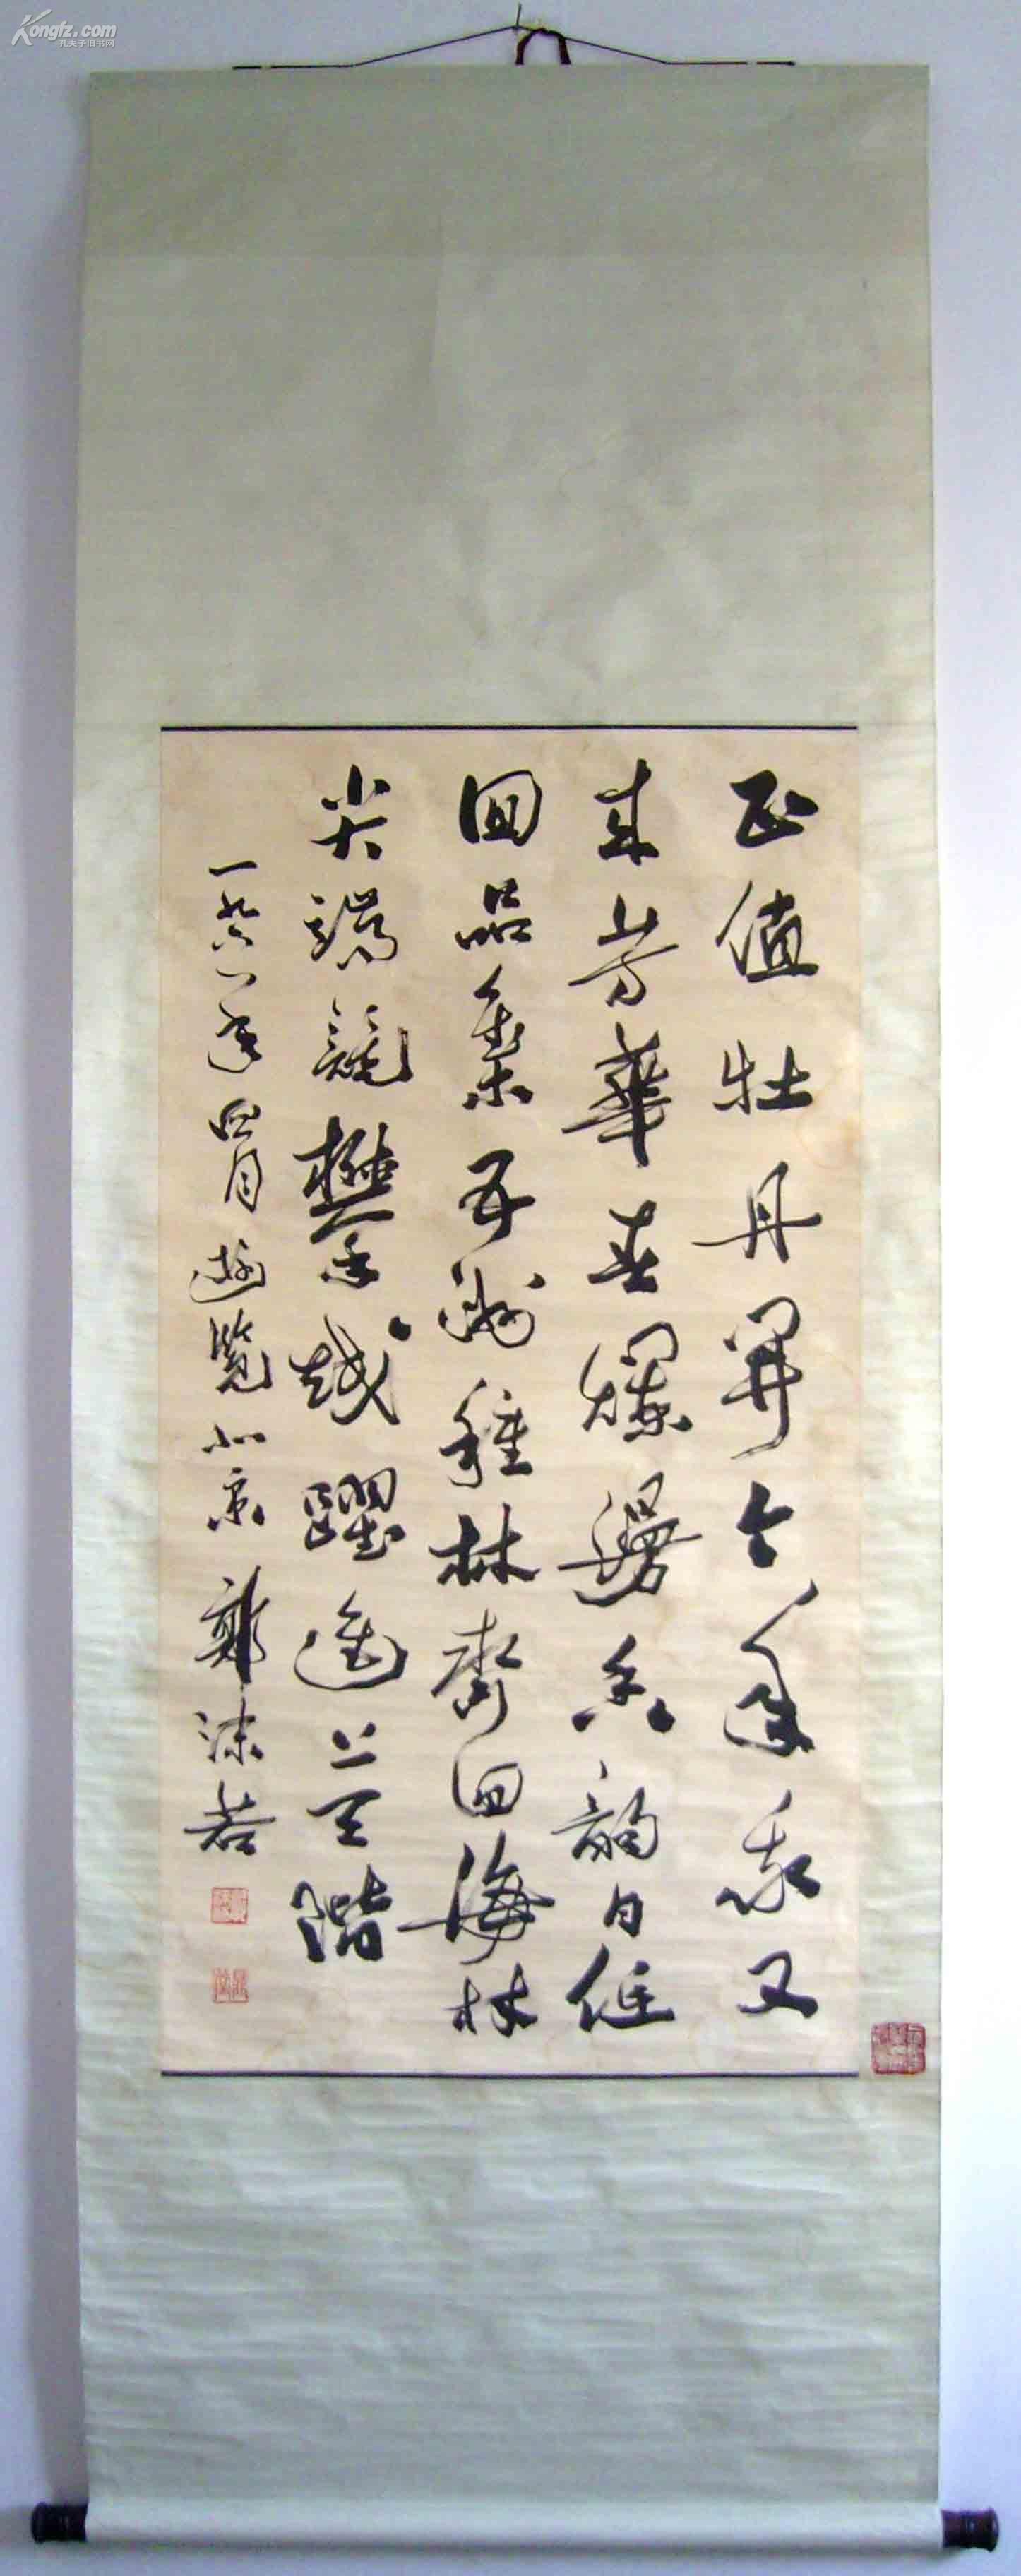 名人书法:郭沫若《1961年毛笔手写行书书法五言诗一首》绫布旧裱立轴图片